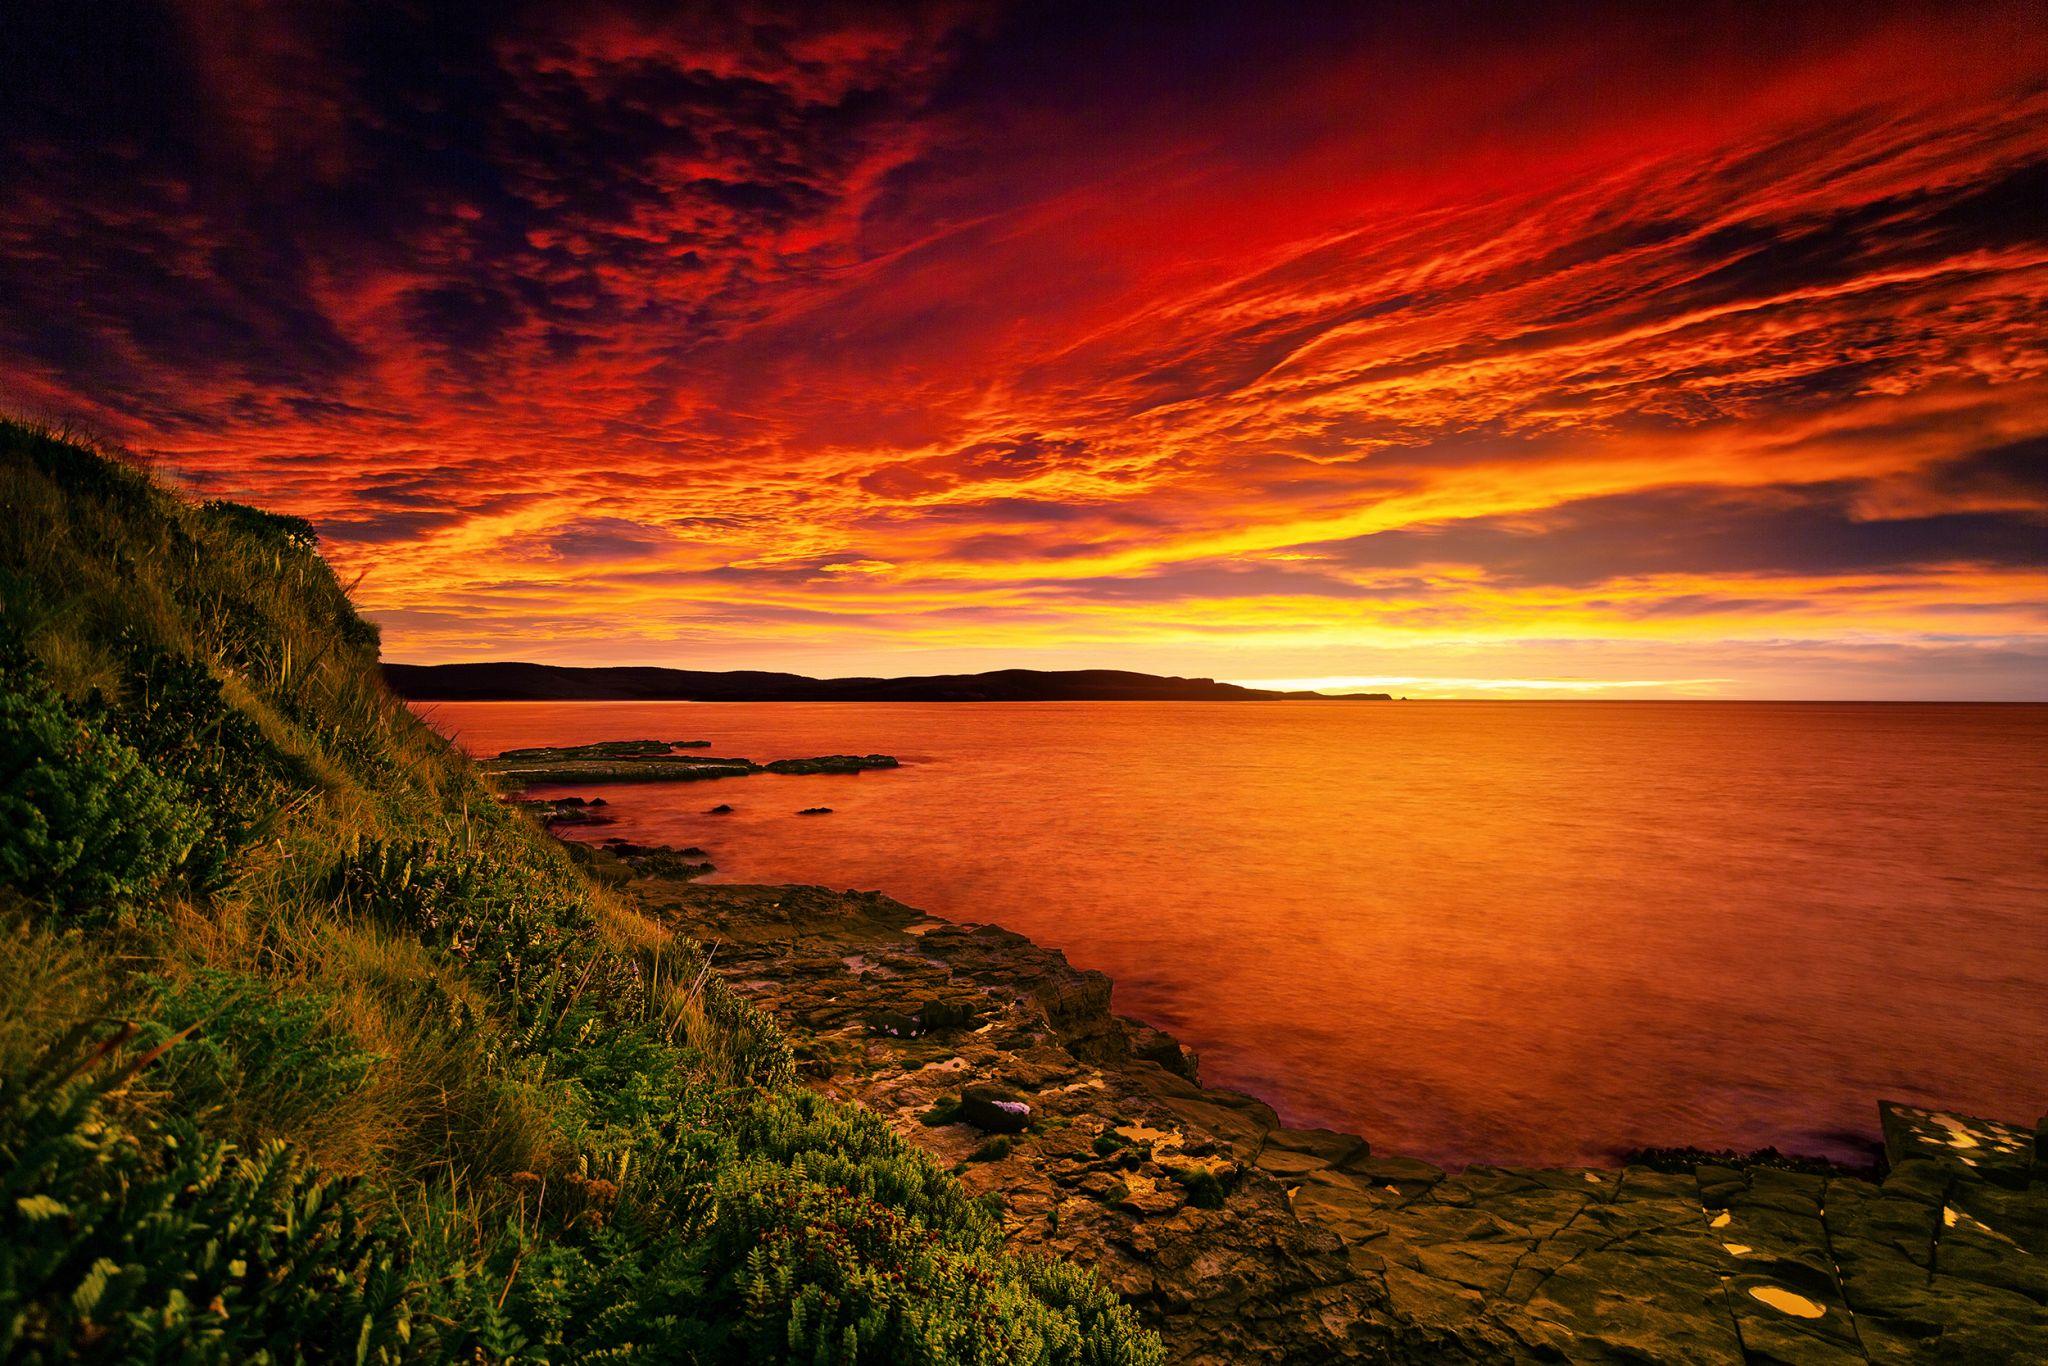 Curio Bay, New Zealand